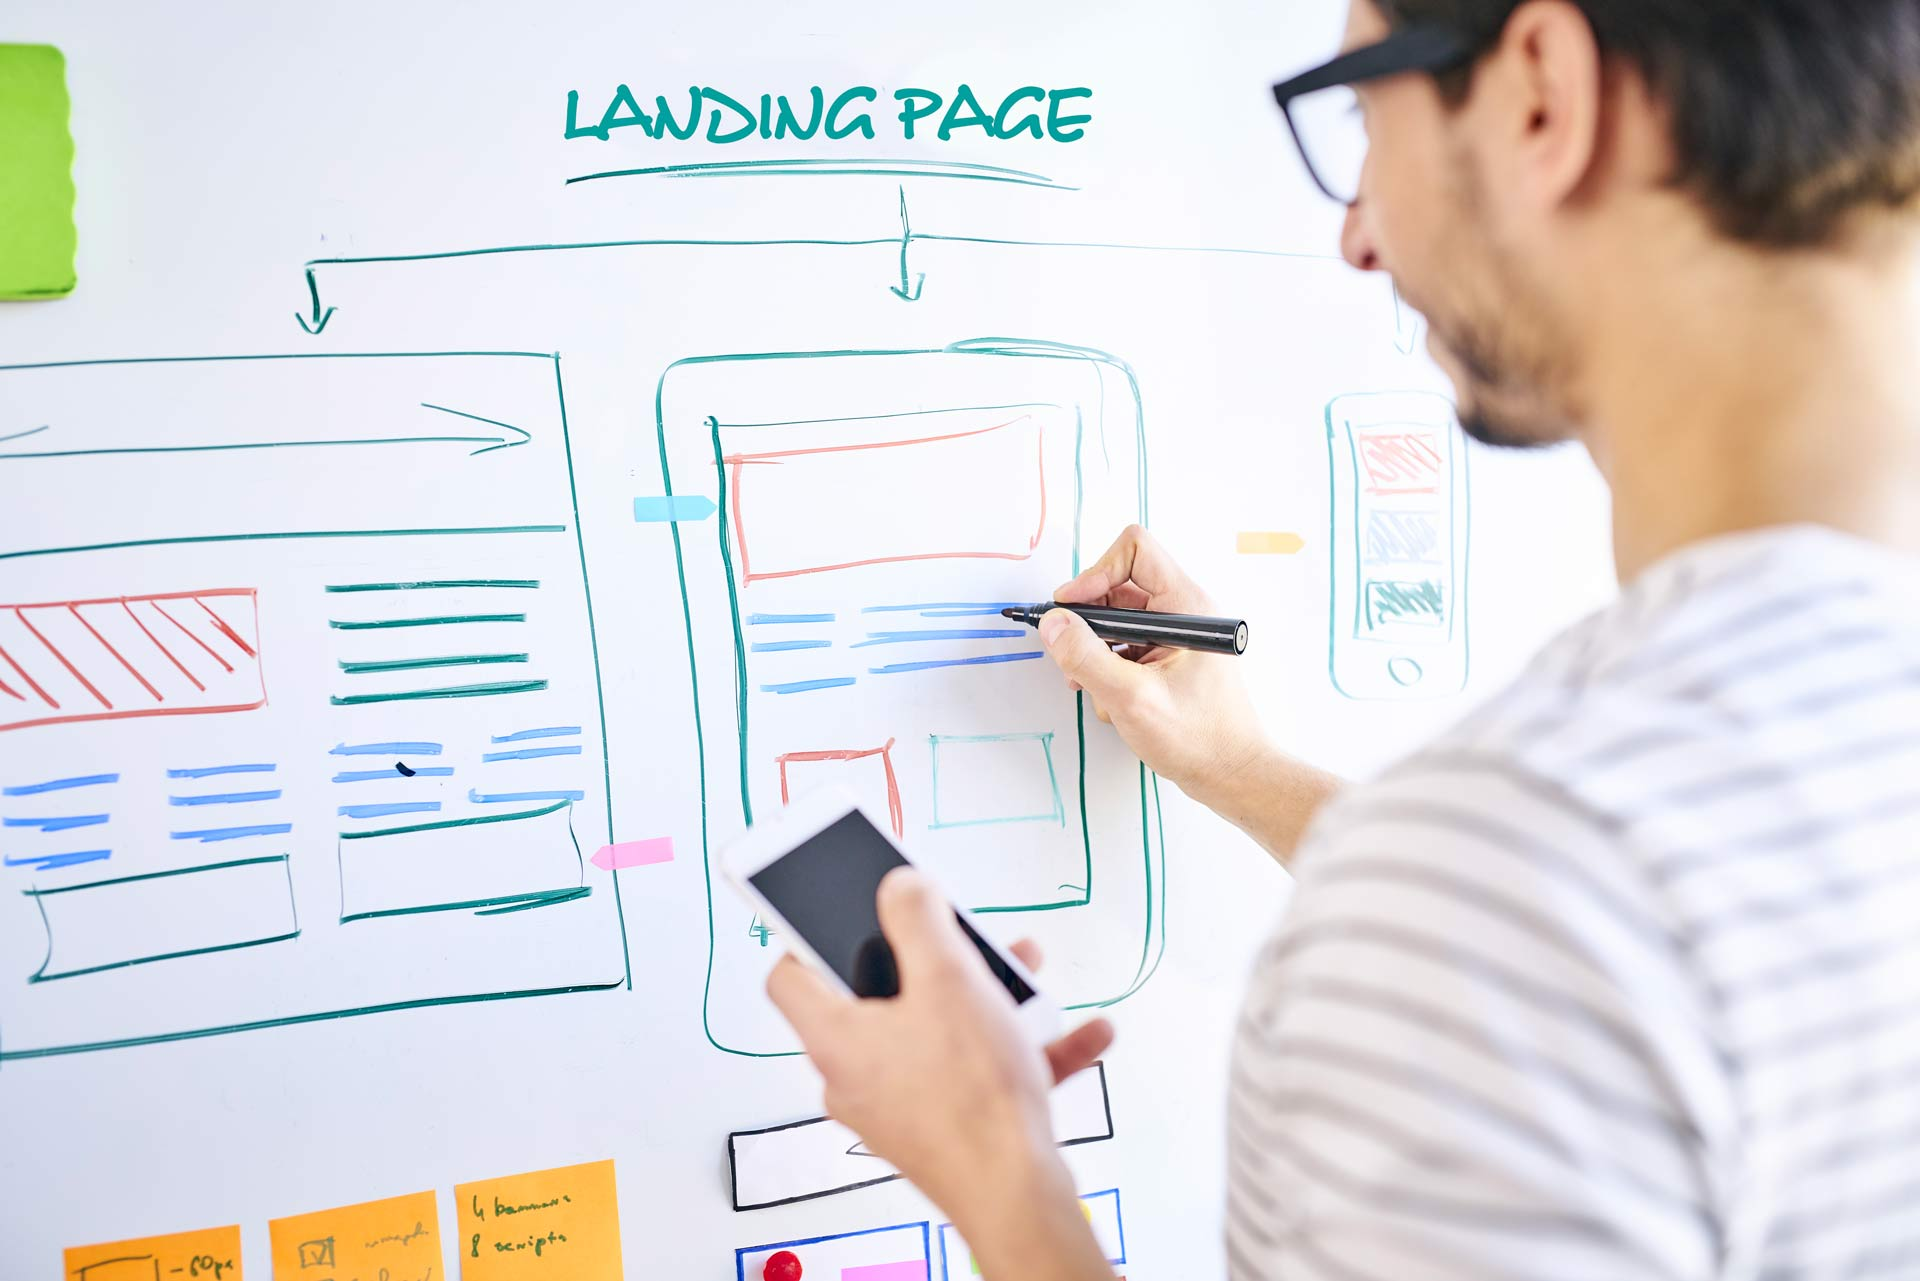 Le guide du débutant pour créer une landing page efficace